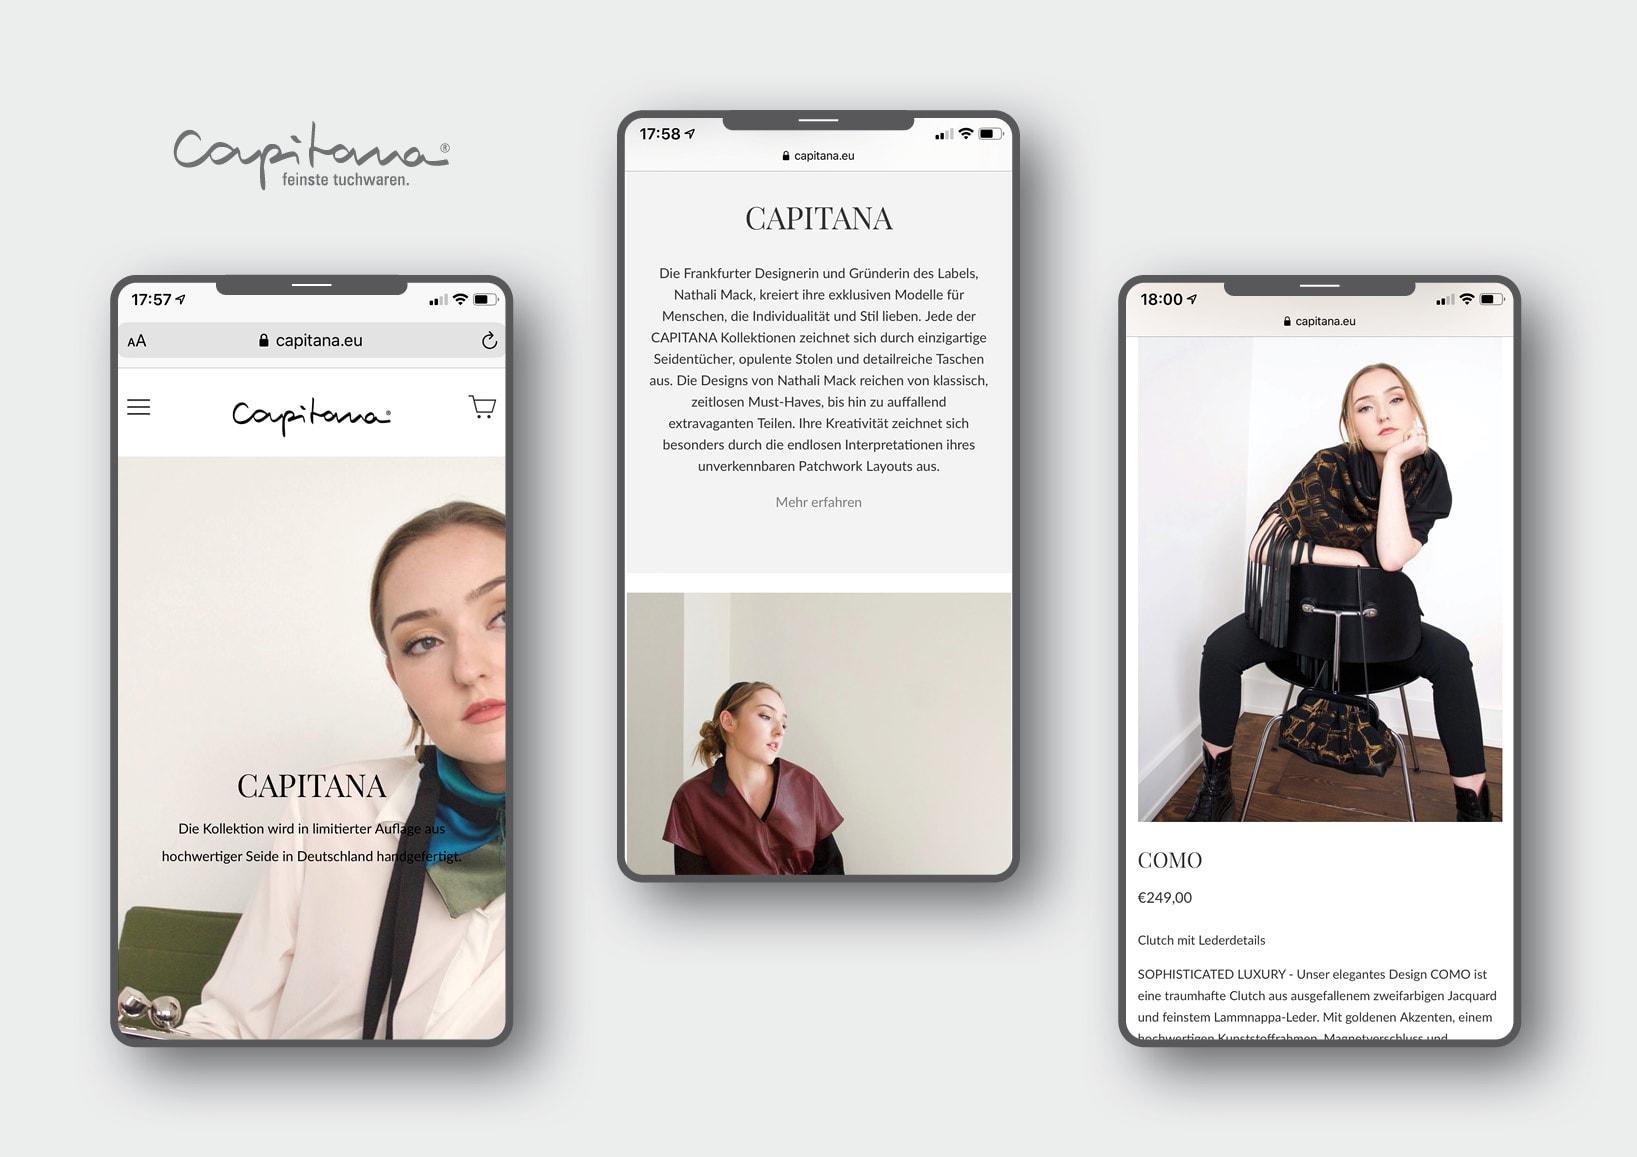 Webdesign und Erstellung innovativer Onlineshop für luxuriöse Mode-Accessoires durch Webdesigner Ronald Wissler aus Frankfurt am Main